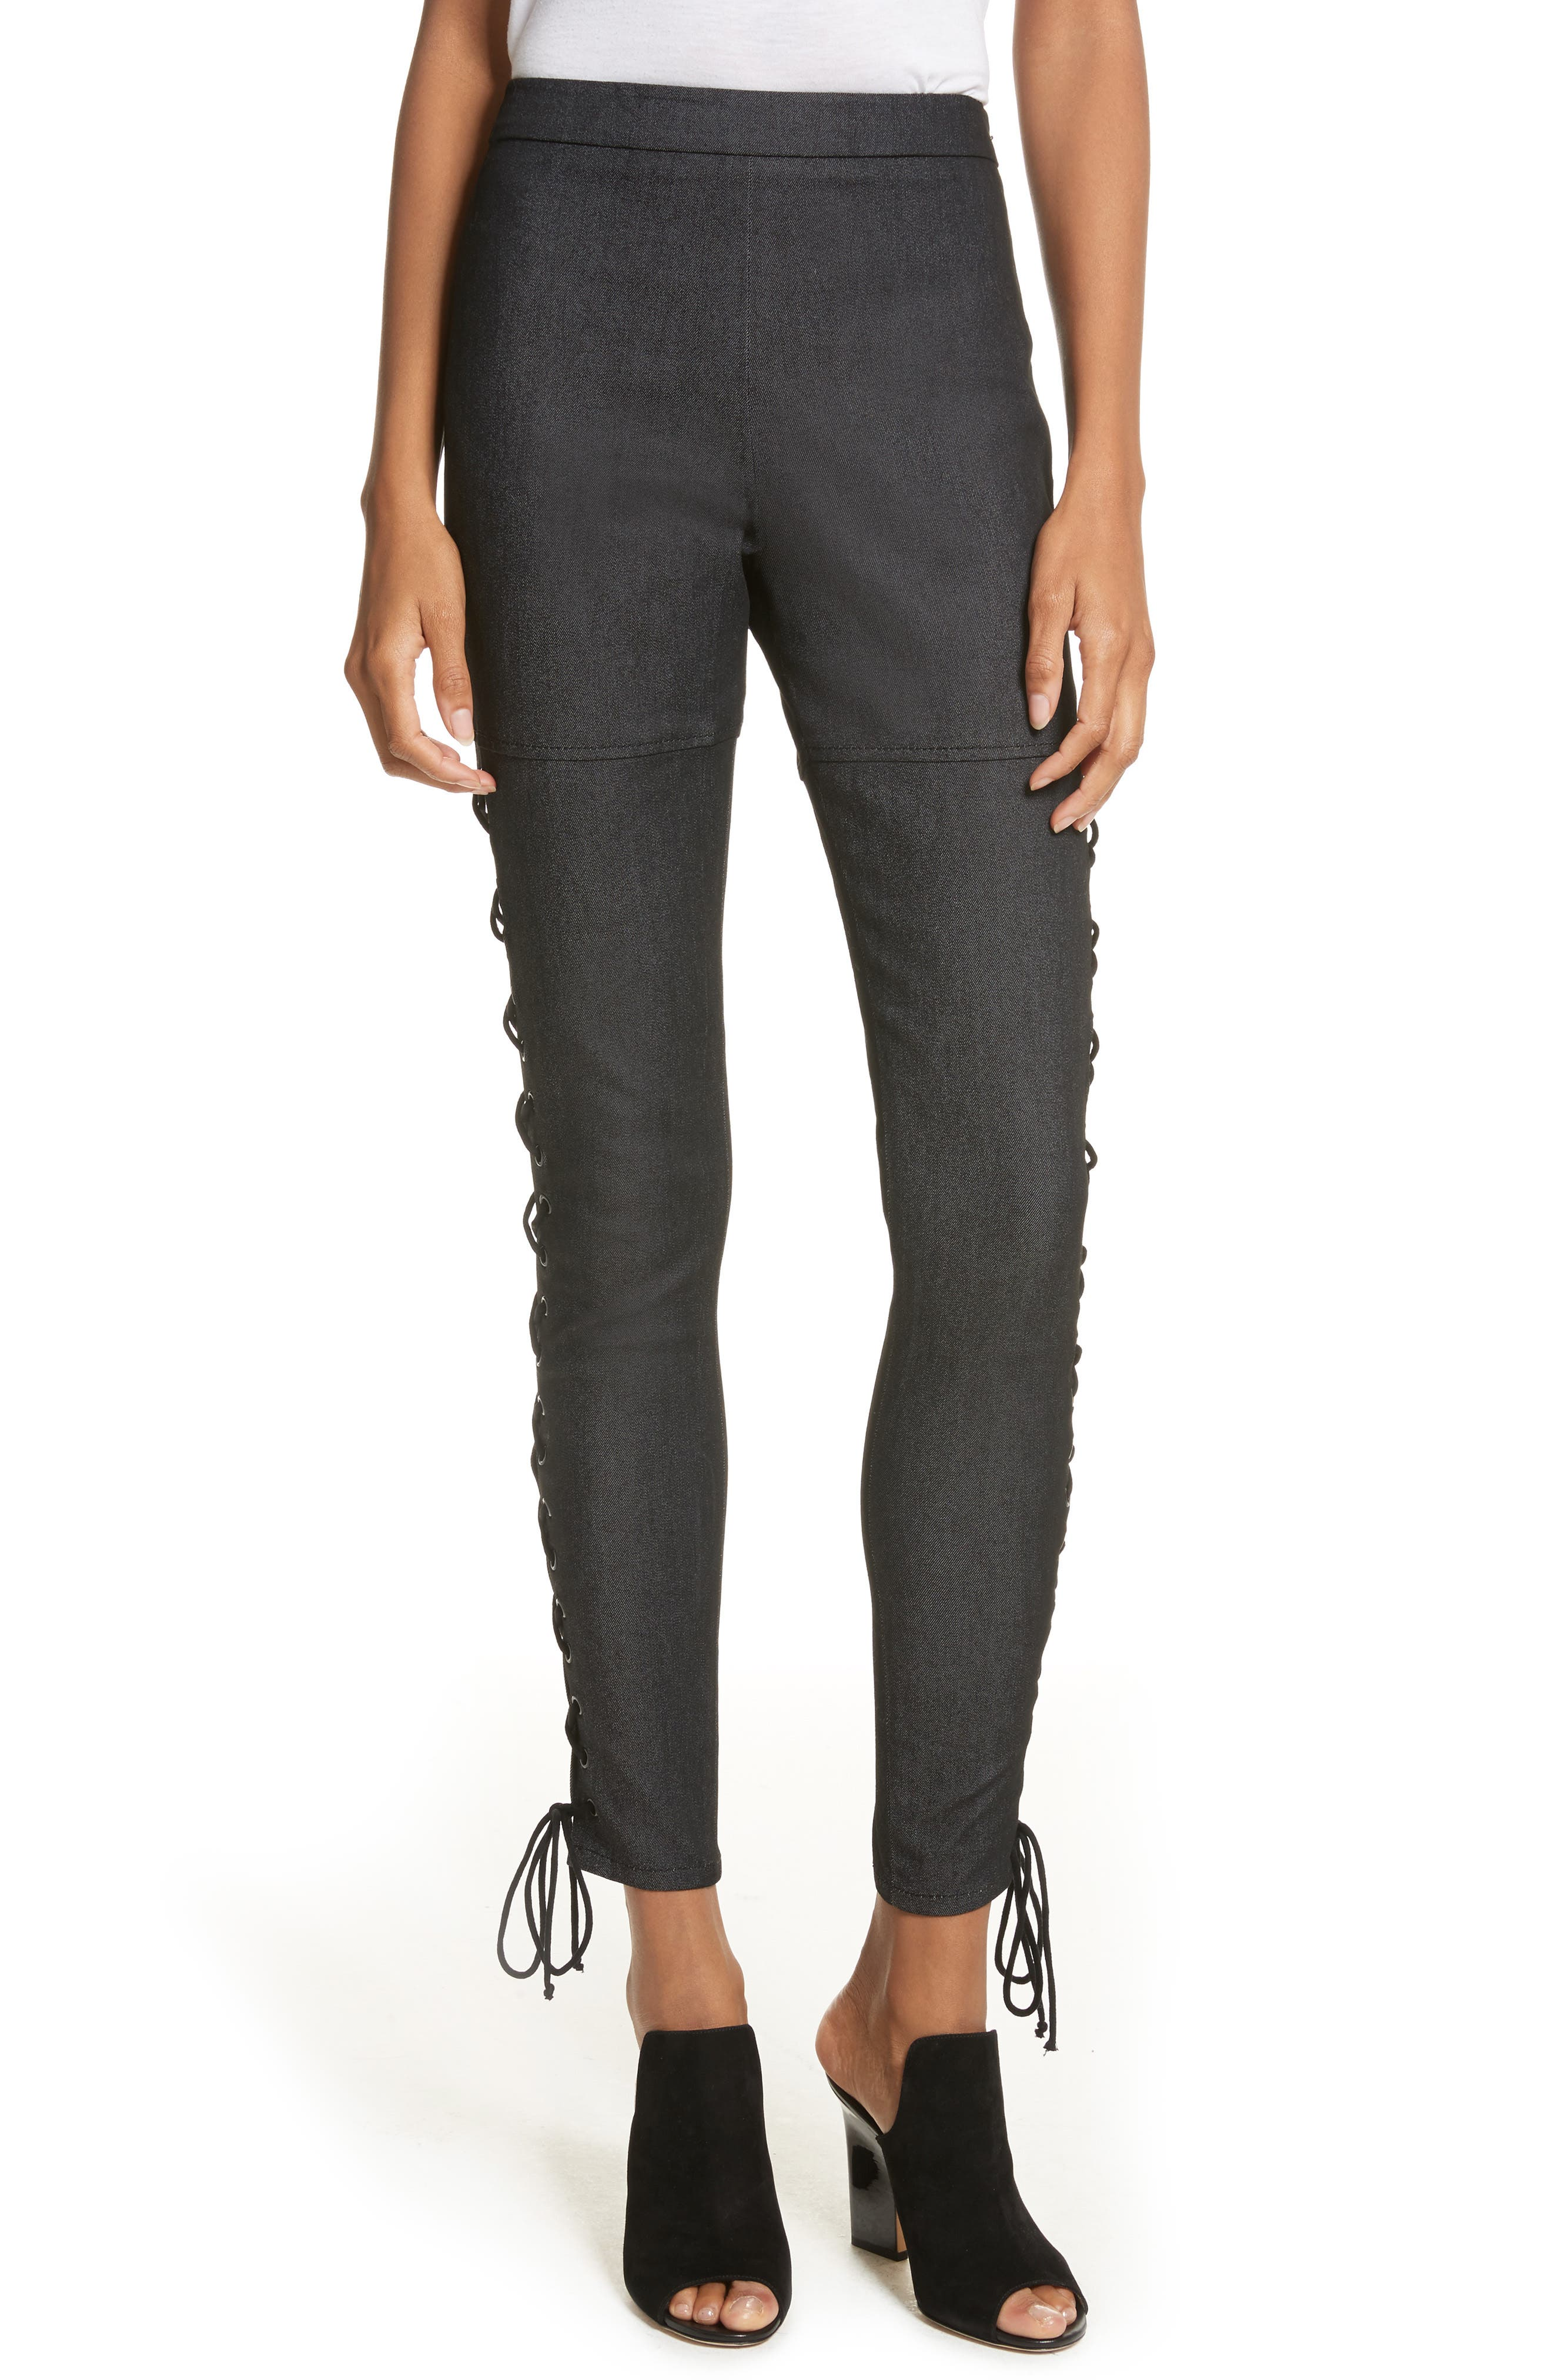 Main Image - Cinq à Sept Kiran Lace-Up Stretch Denim Pants